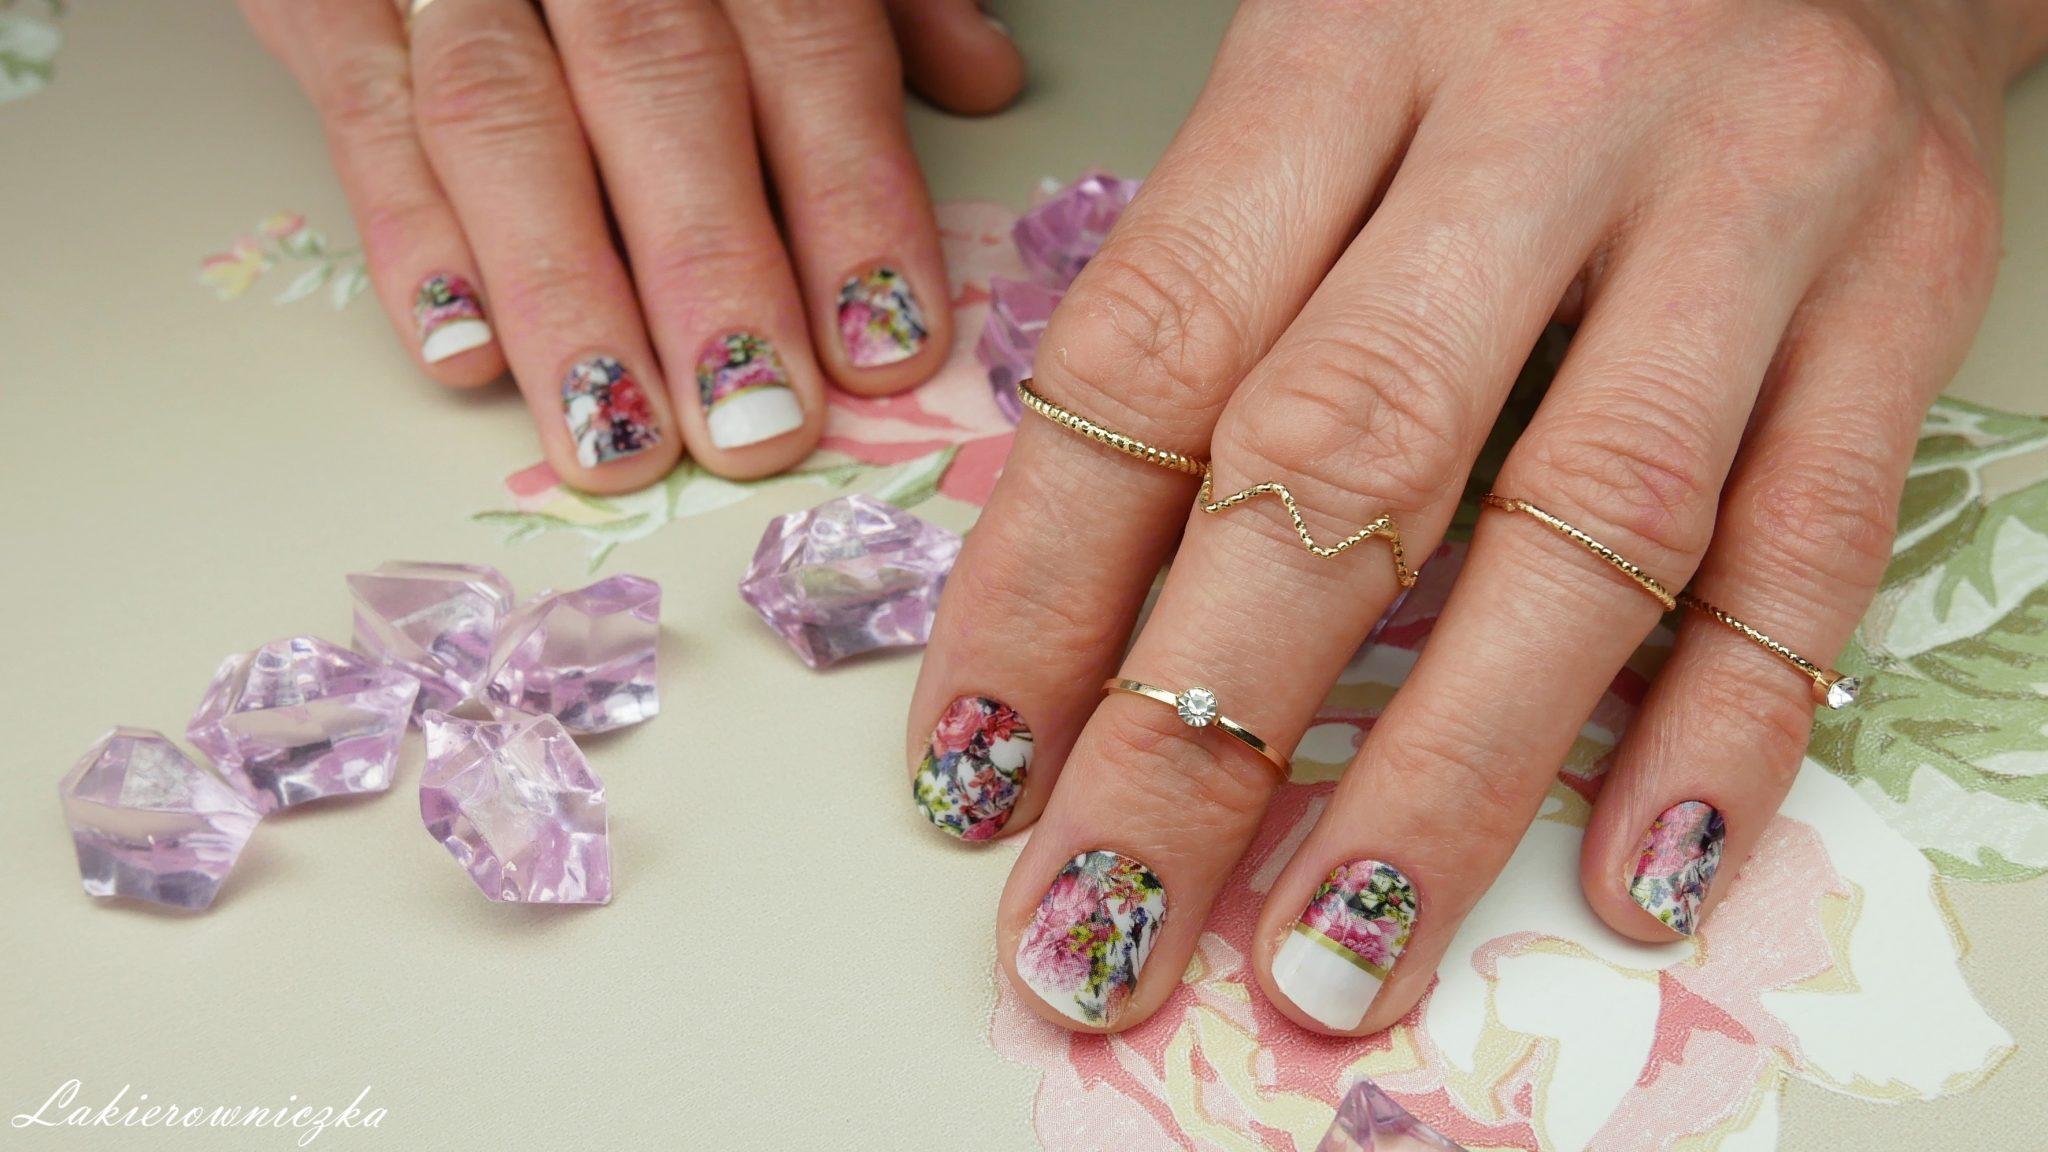 Manirouge-Malva-wzory-kwiatowe-na-paznokciach-naklejki-termiczne-Lakierowniczka-alternatywa-dla-hybrydy